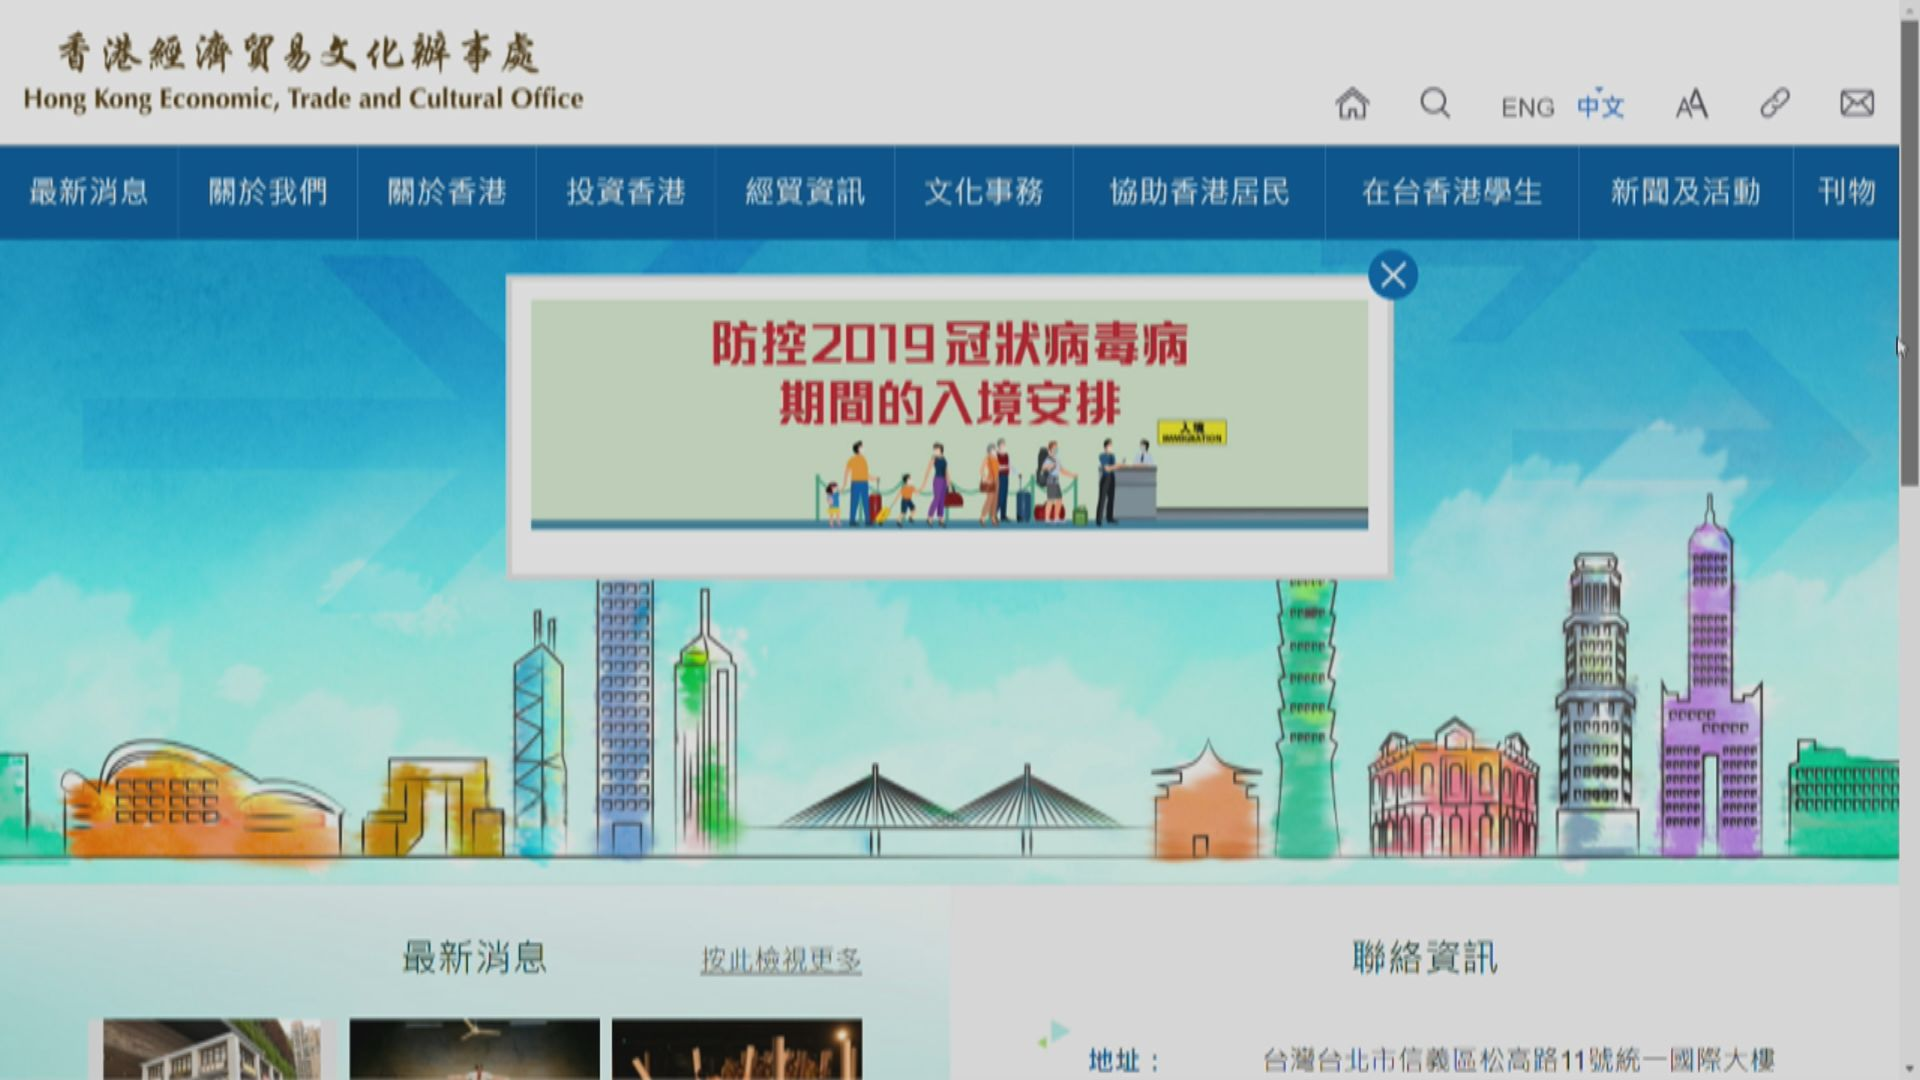 香港在台灣的經濟貿易文化辦事處即日起暫停運作